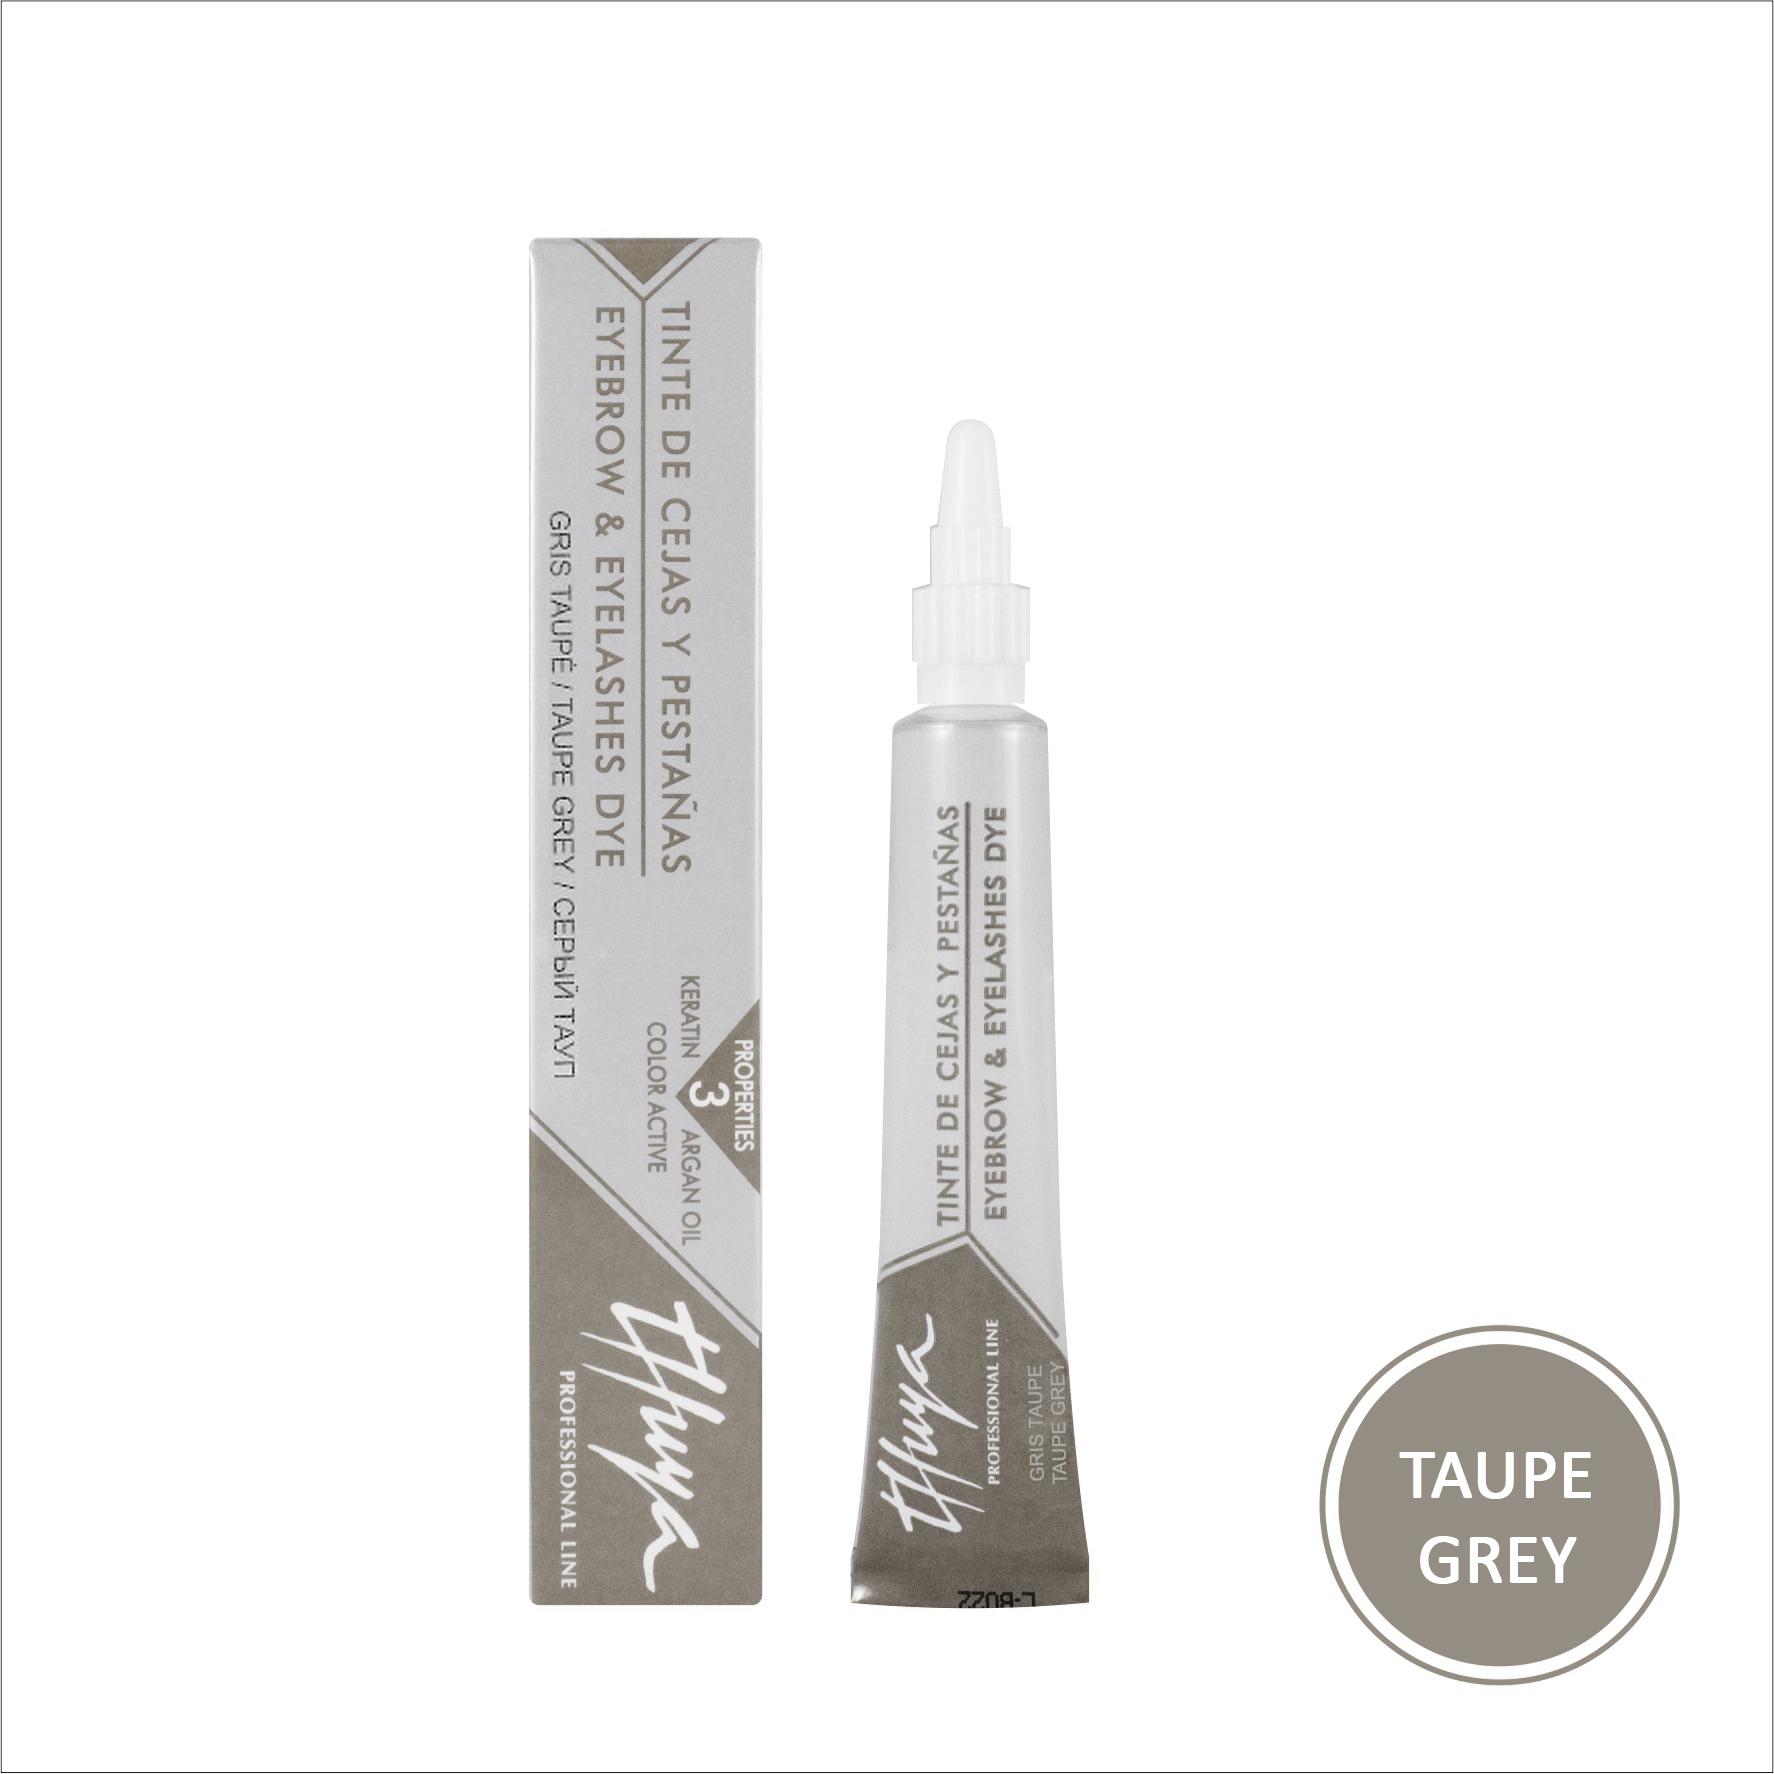 Thuya - Серый Тауп Taup Grey. Краска для бровей и ресниц, 14 мл